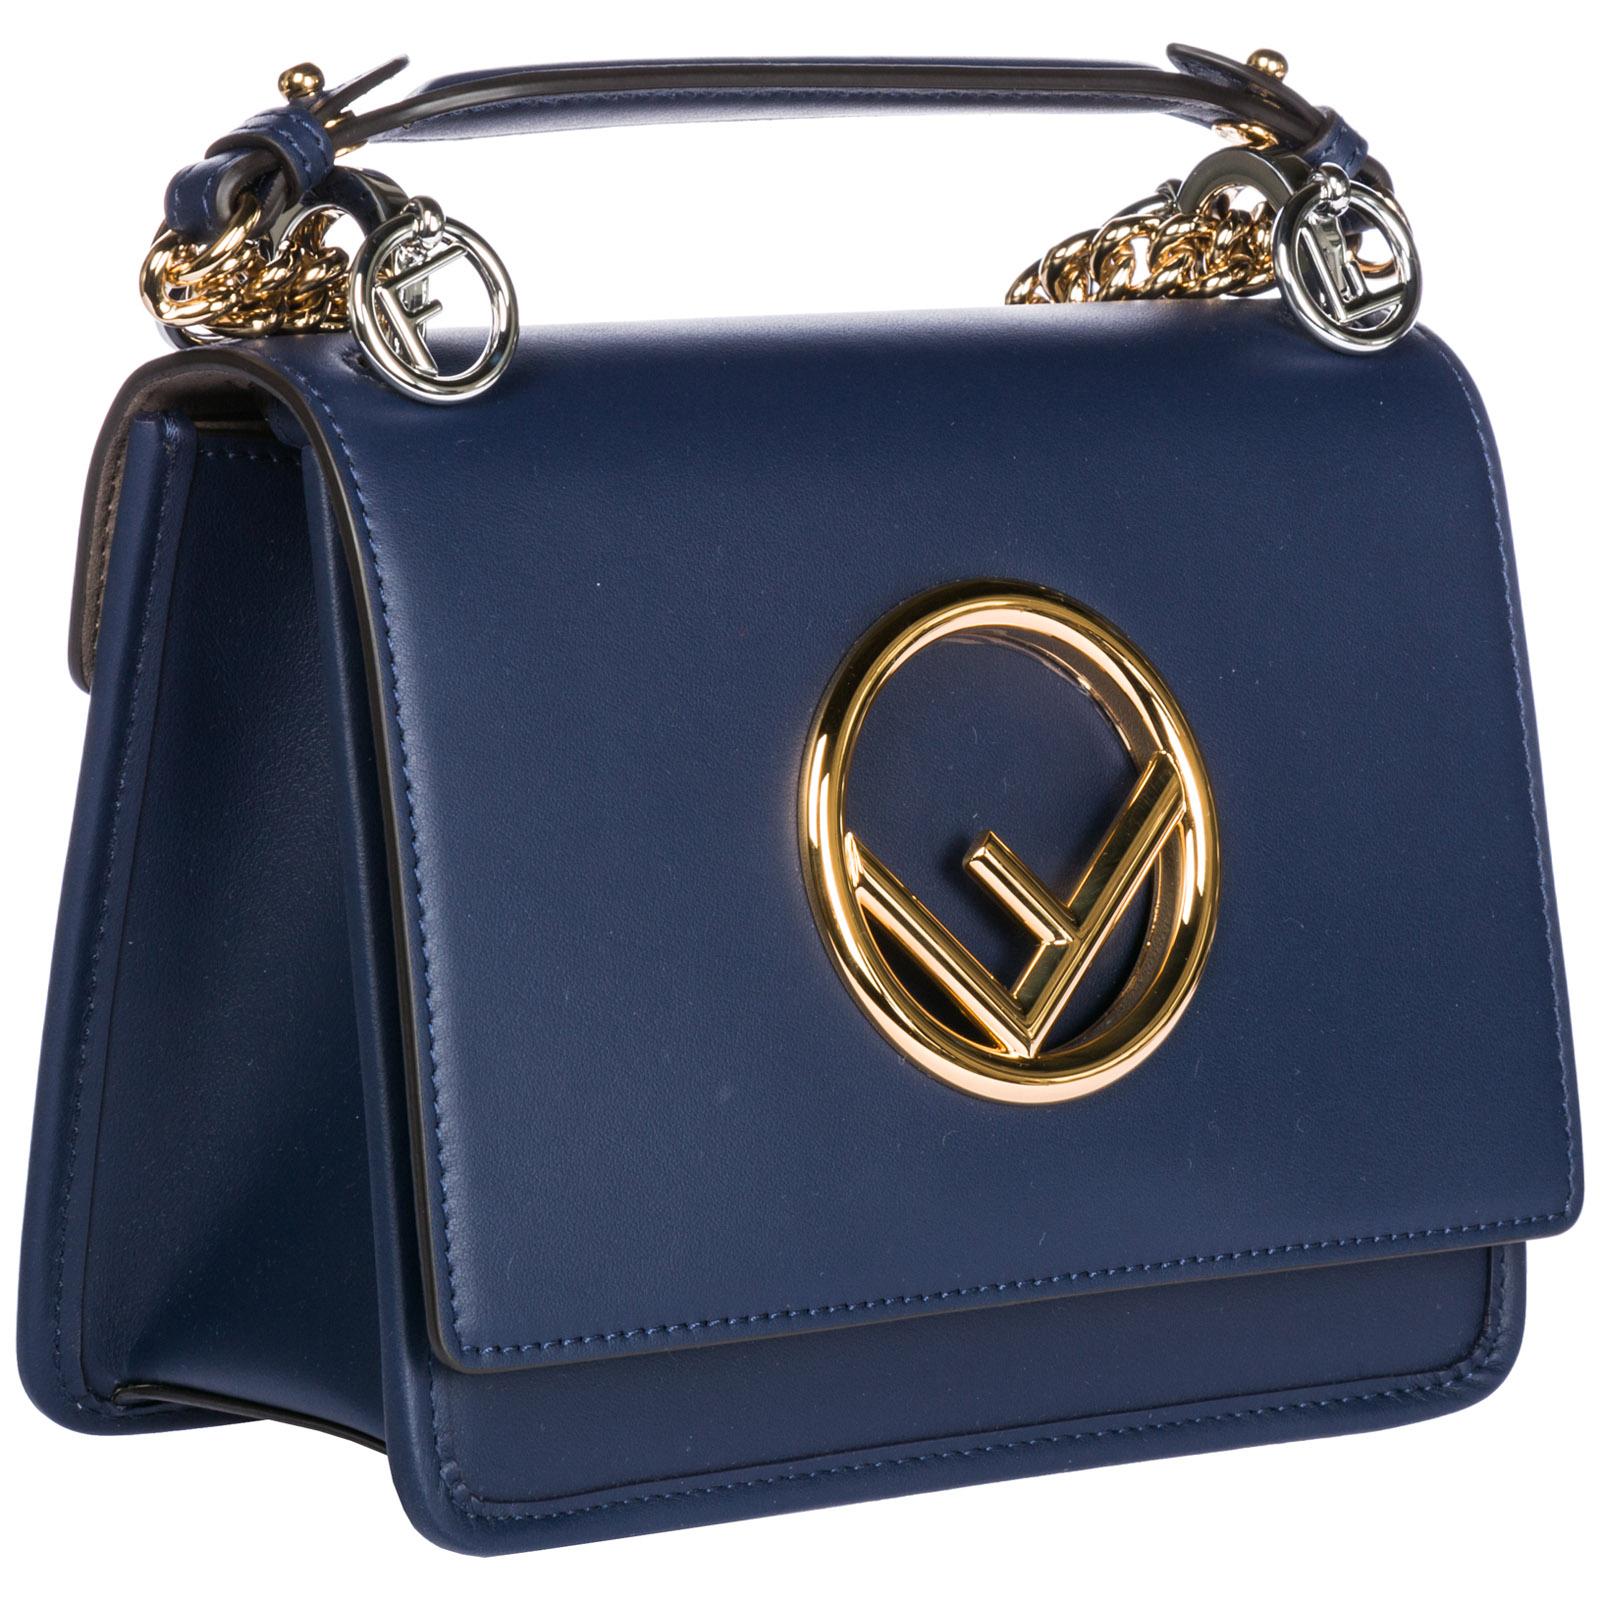 4665067440fb ... Women s leather shoulder bag kan i logo piccola